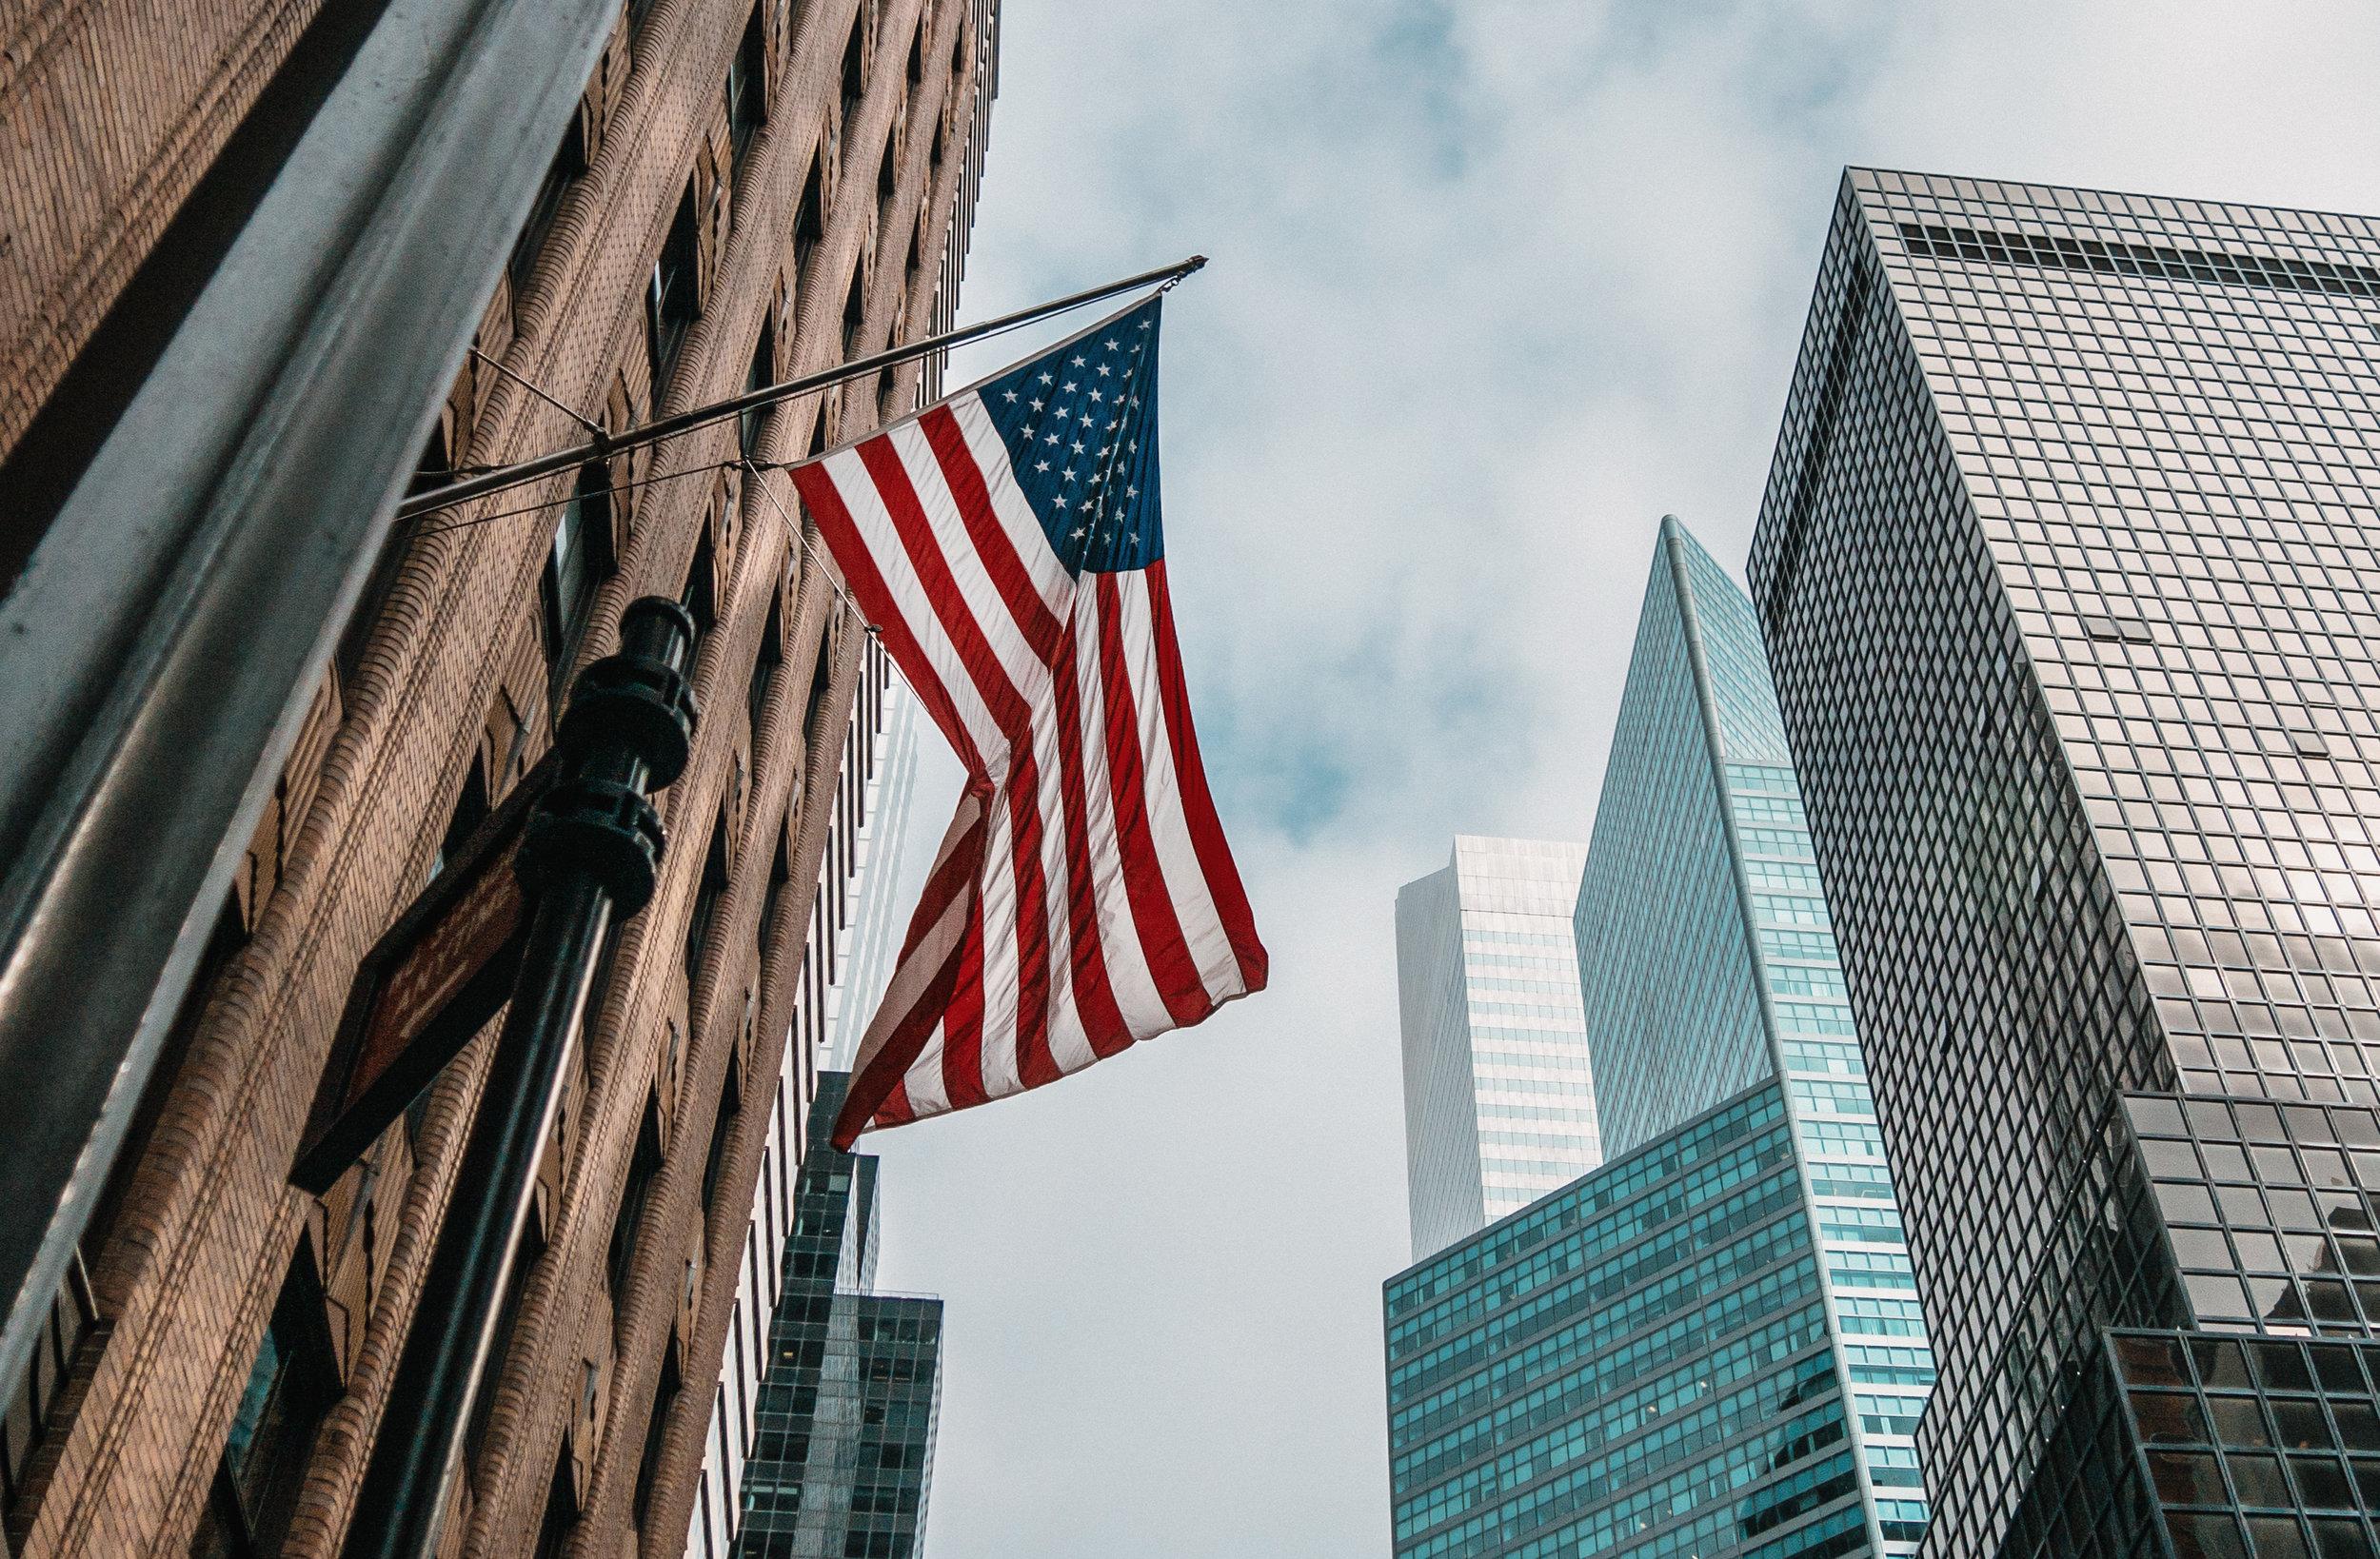 Estados Unidos - La legislación federal sobre las aerolíneas, en cuanto a servicio al cliente, en los Estados Unidos es muy laxa. Al final, vendrá a ser muy relevante la calidad de servicio al cliente que ofrezca cada aerolínea.